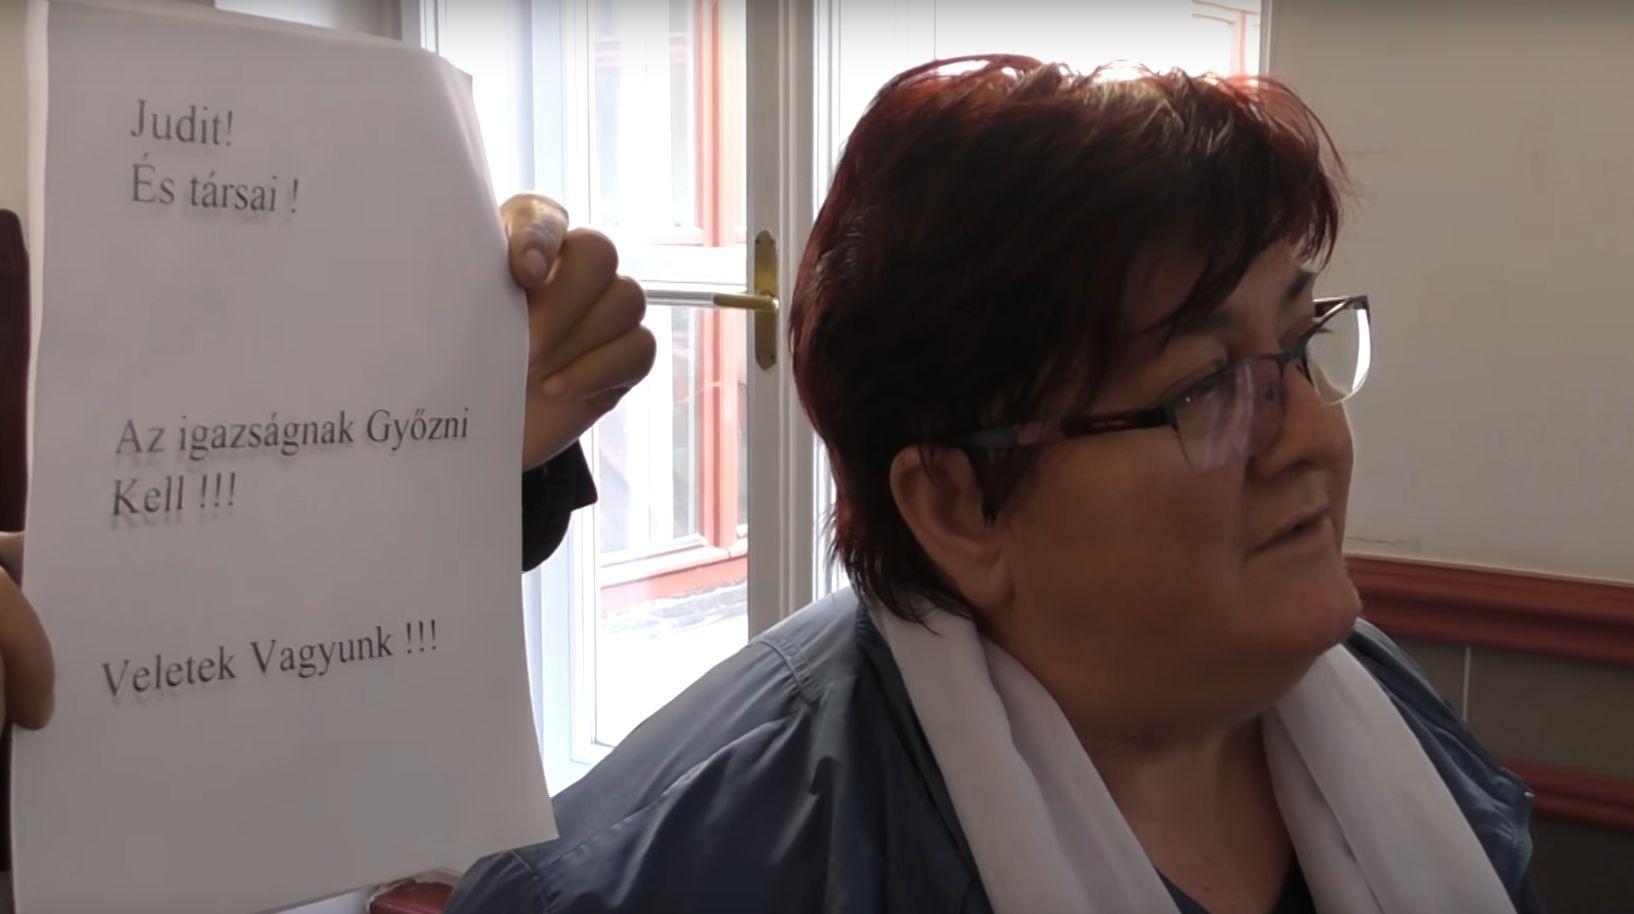 Élőlánccal tiltakoztak Szima Judit bebörtönzése ellen a veszprémi börtön előtt